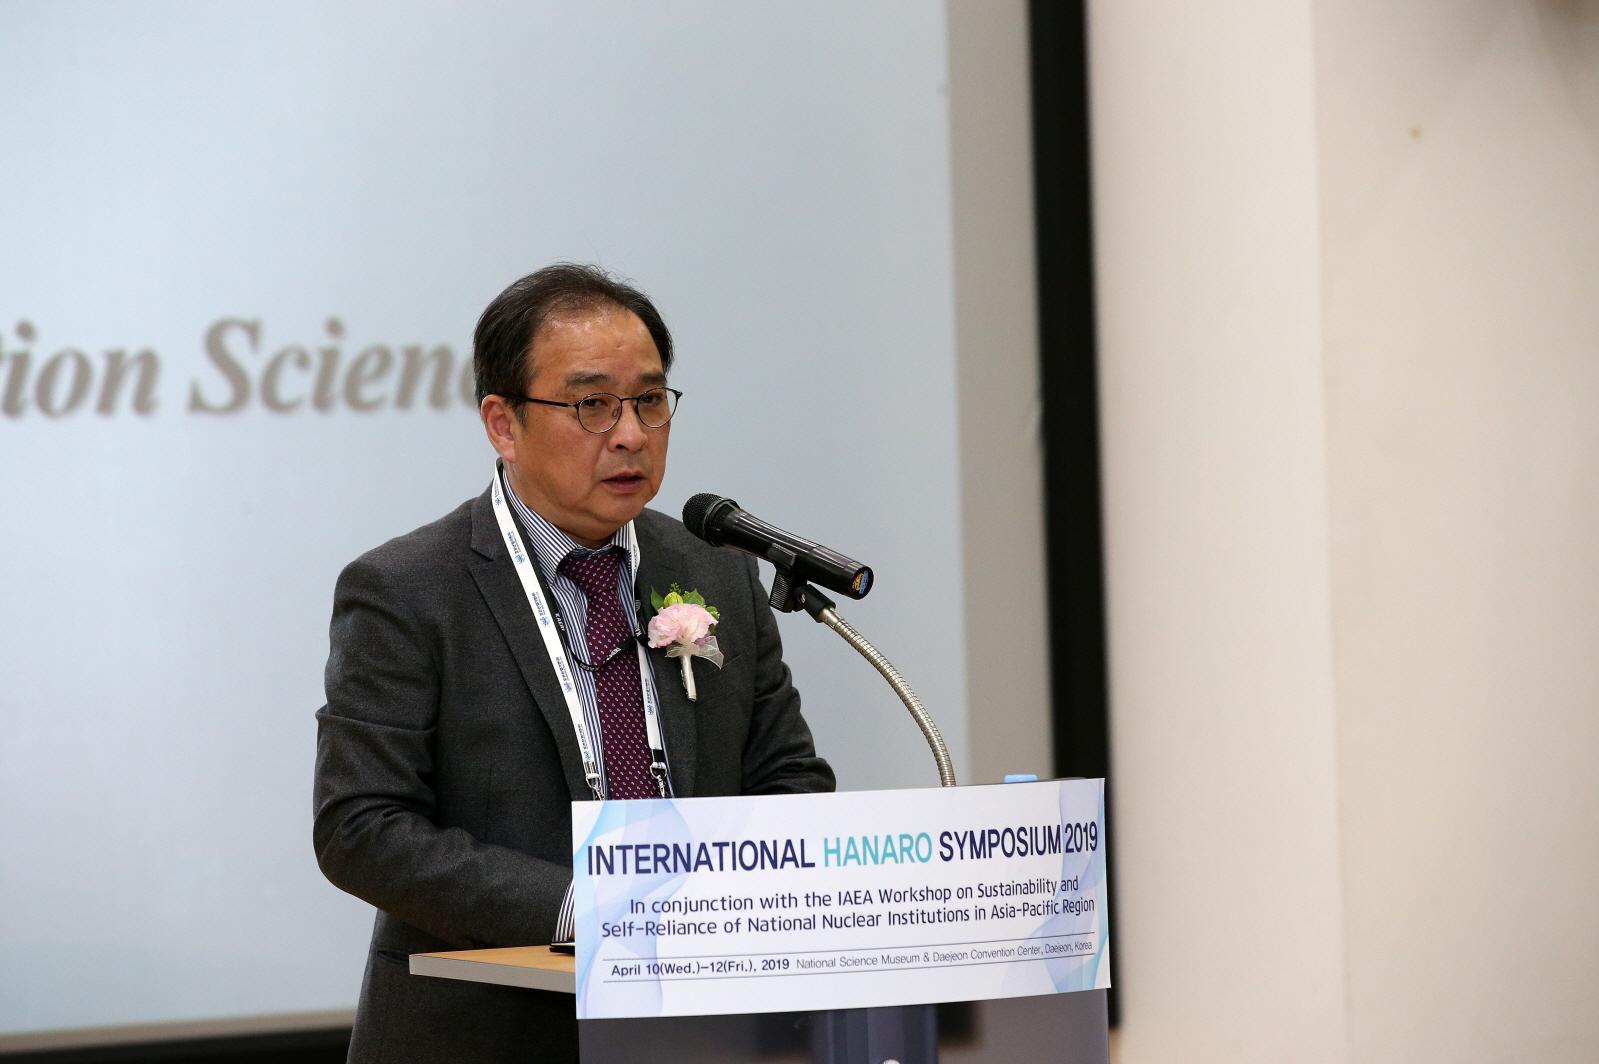 사진1. 환영사를 하는 한국원자력연구원 임인철 방사선과학연구소장